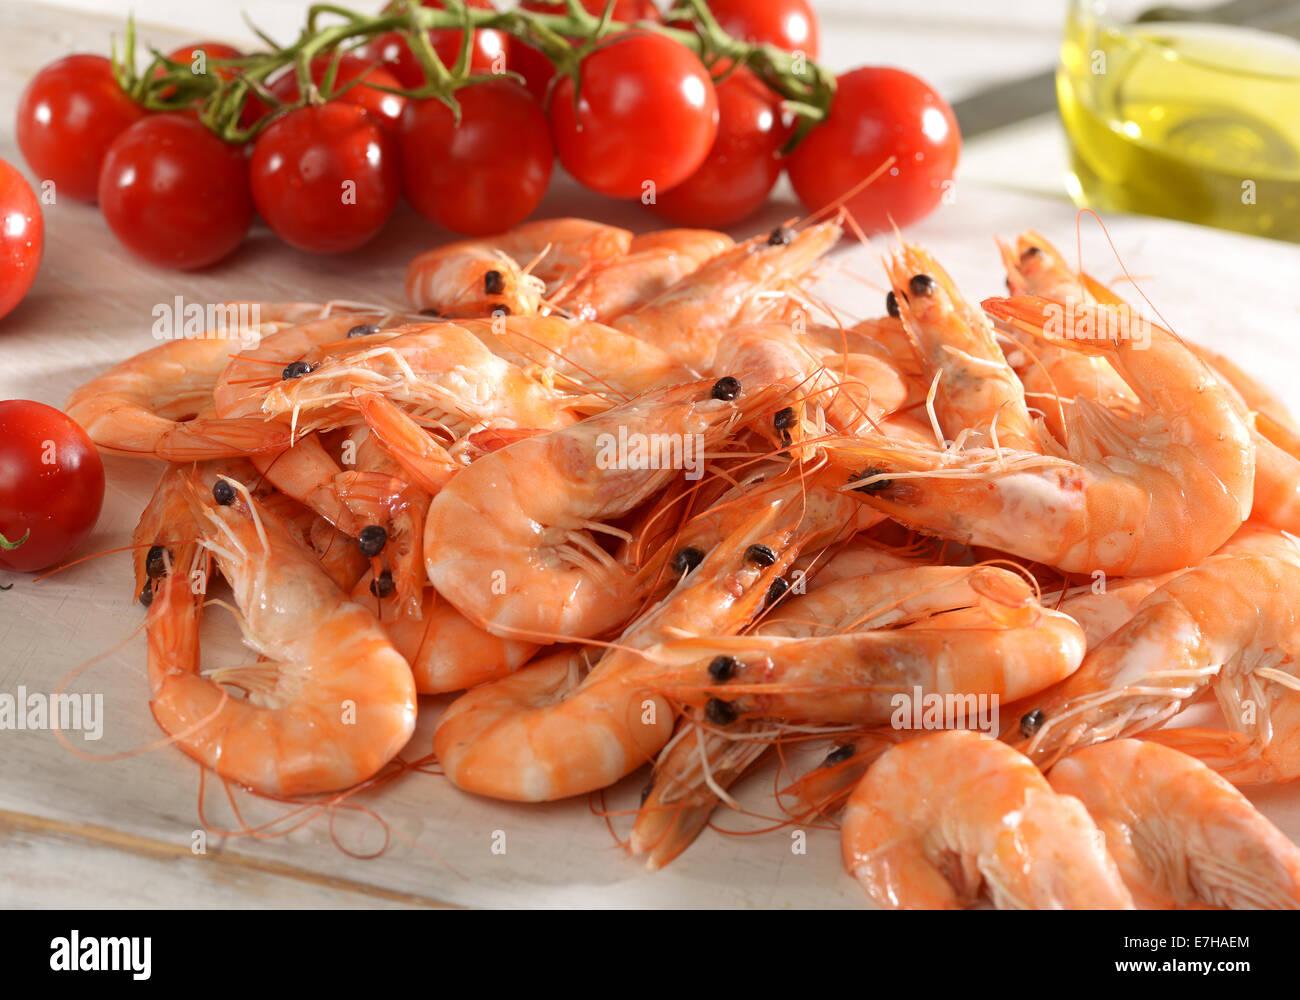 Montón de camarones marinos rosa fresca cruda Imagen De Stock